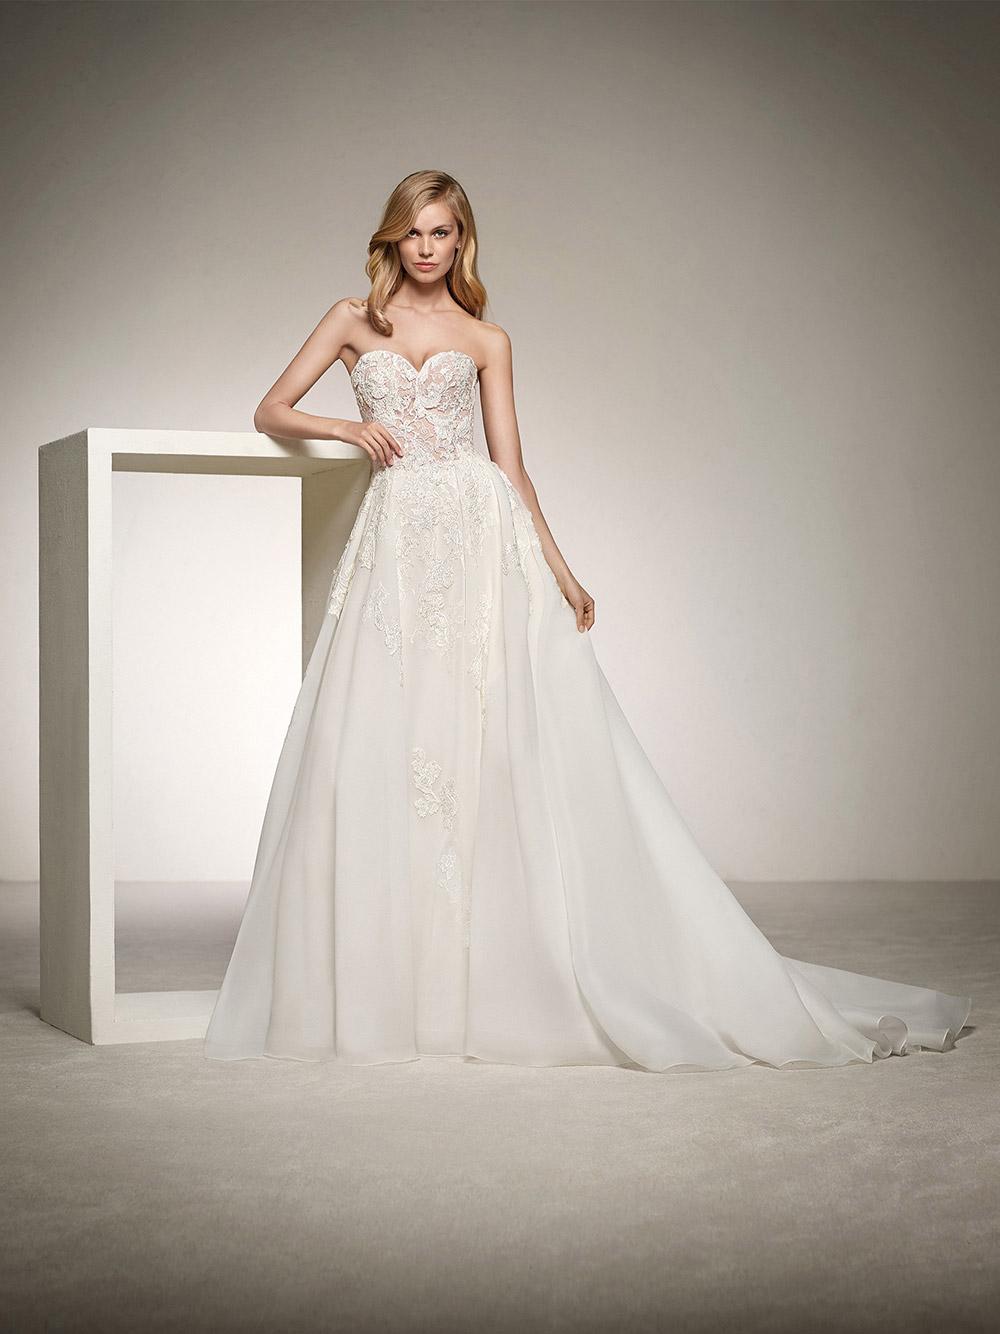 Dinara - Pronovias 2018 Bridal Collection. www.theweddingnotebook.com